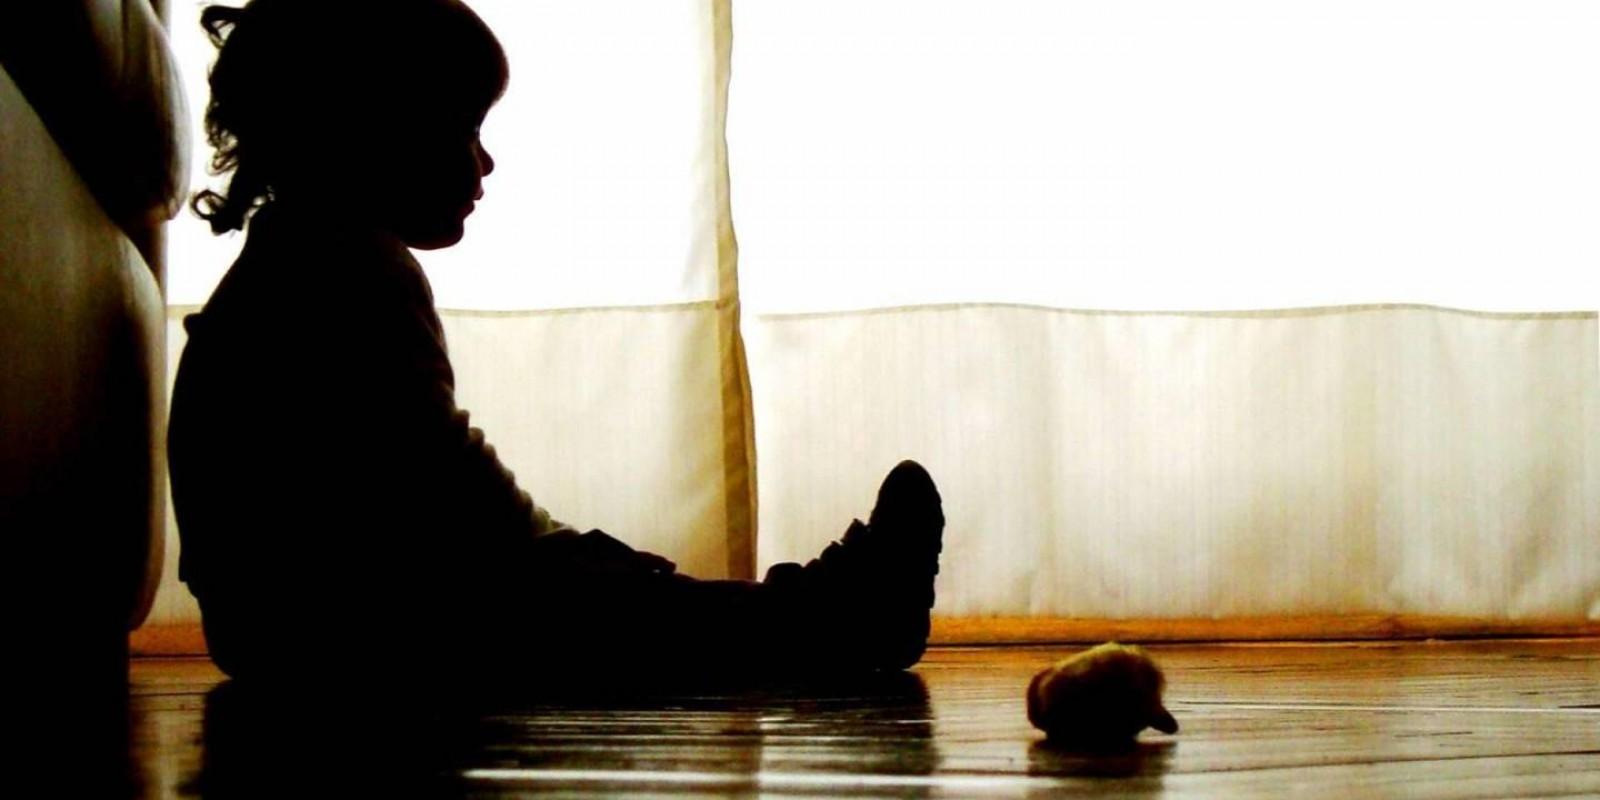 Combate à exploração sexual de crianças e adolescentes